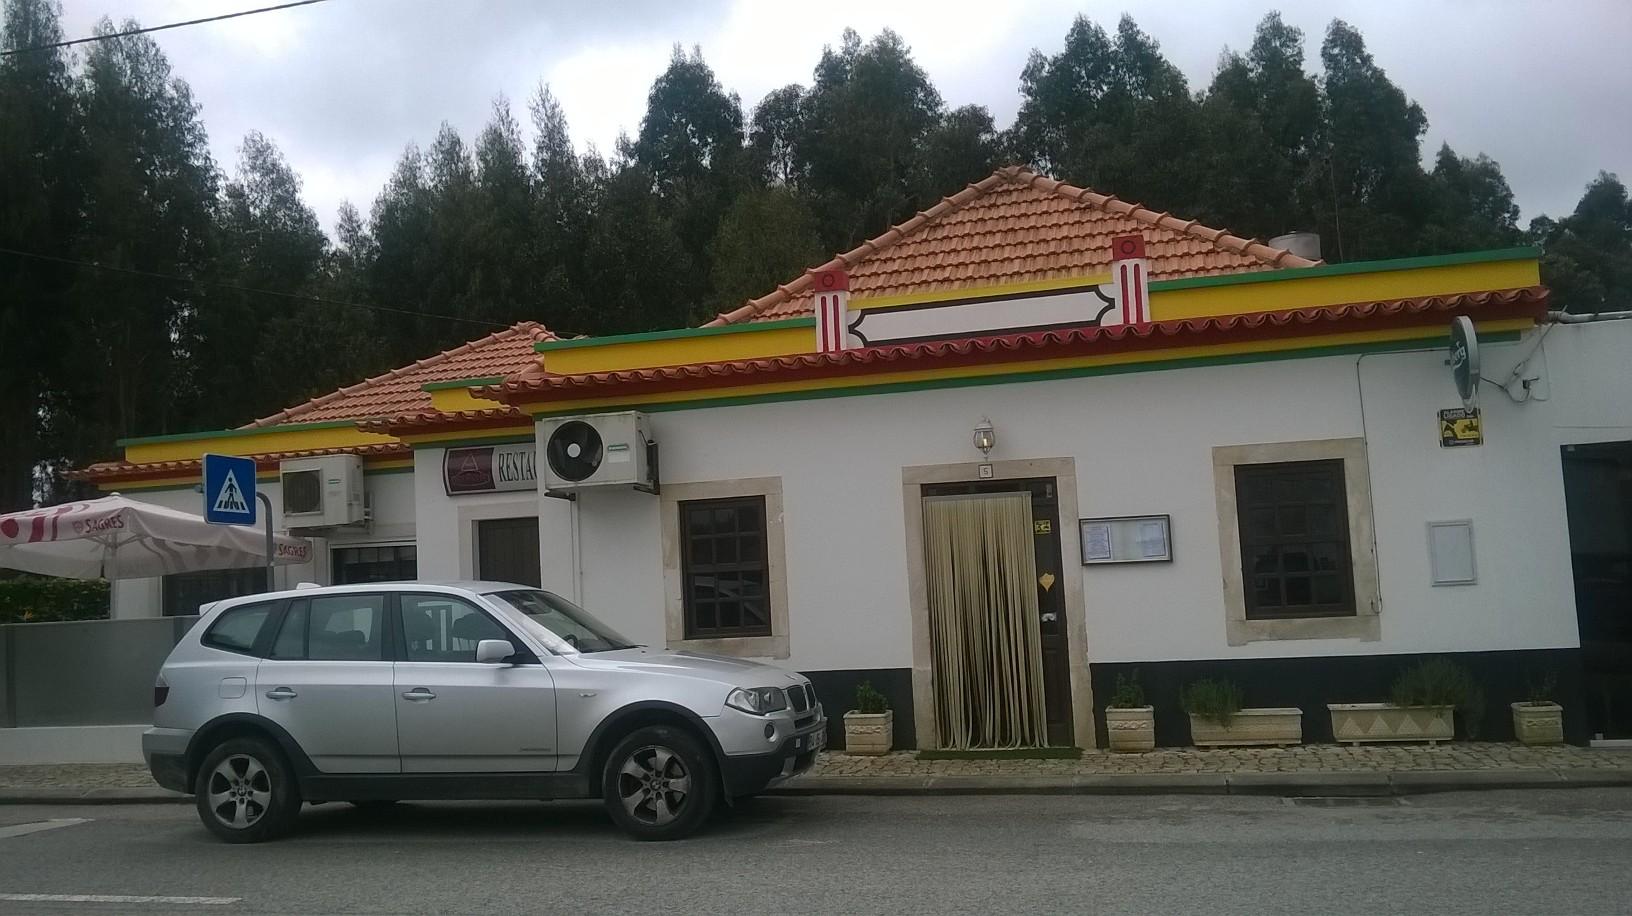 murtede-cabana-do-pastor-resto-rua-estac3a7c3a3o-5-near-porto-mar17